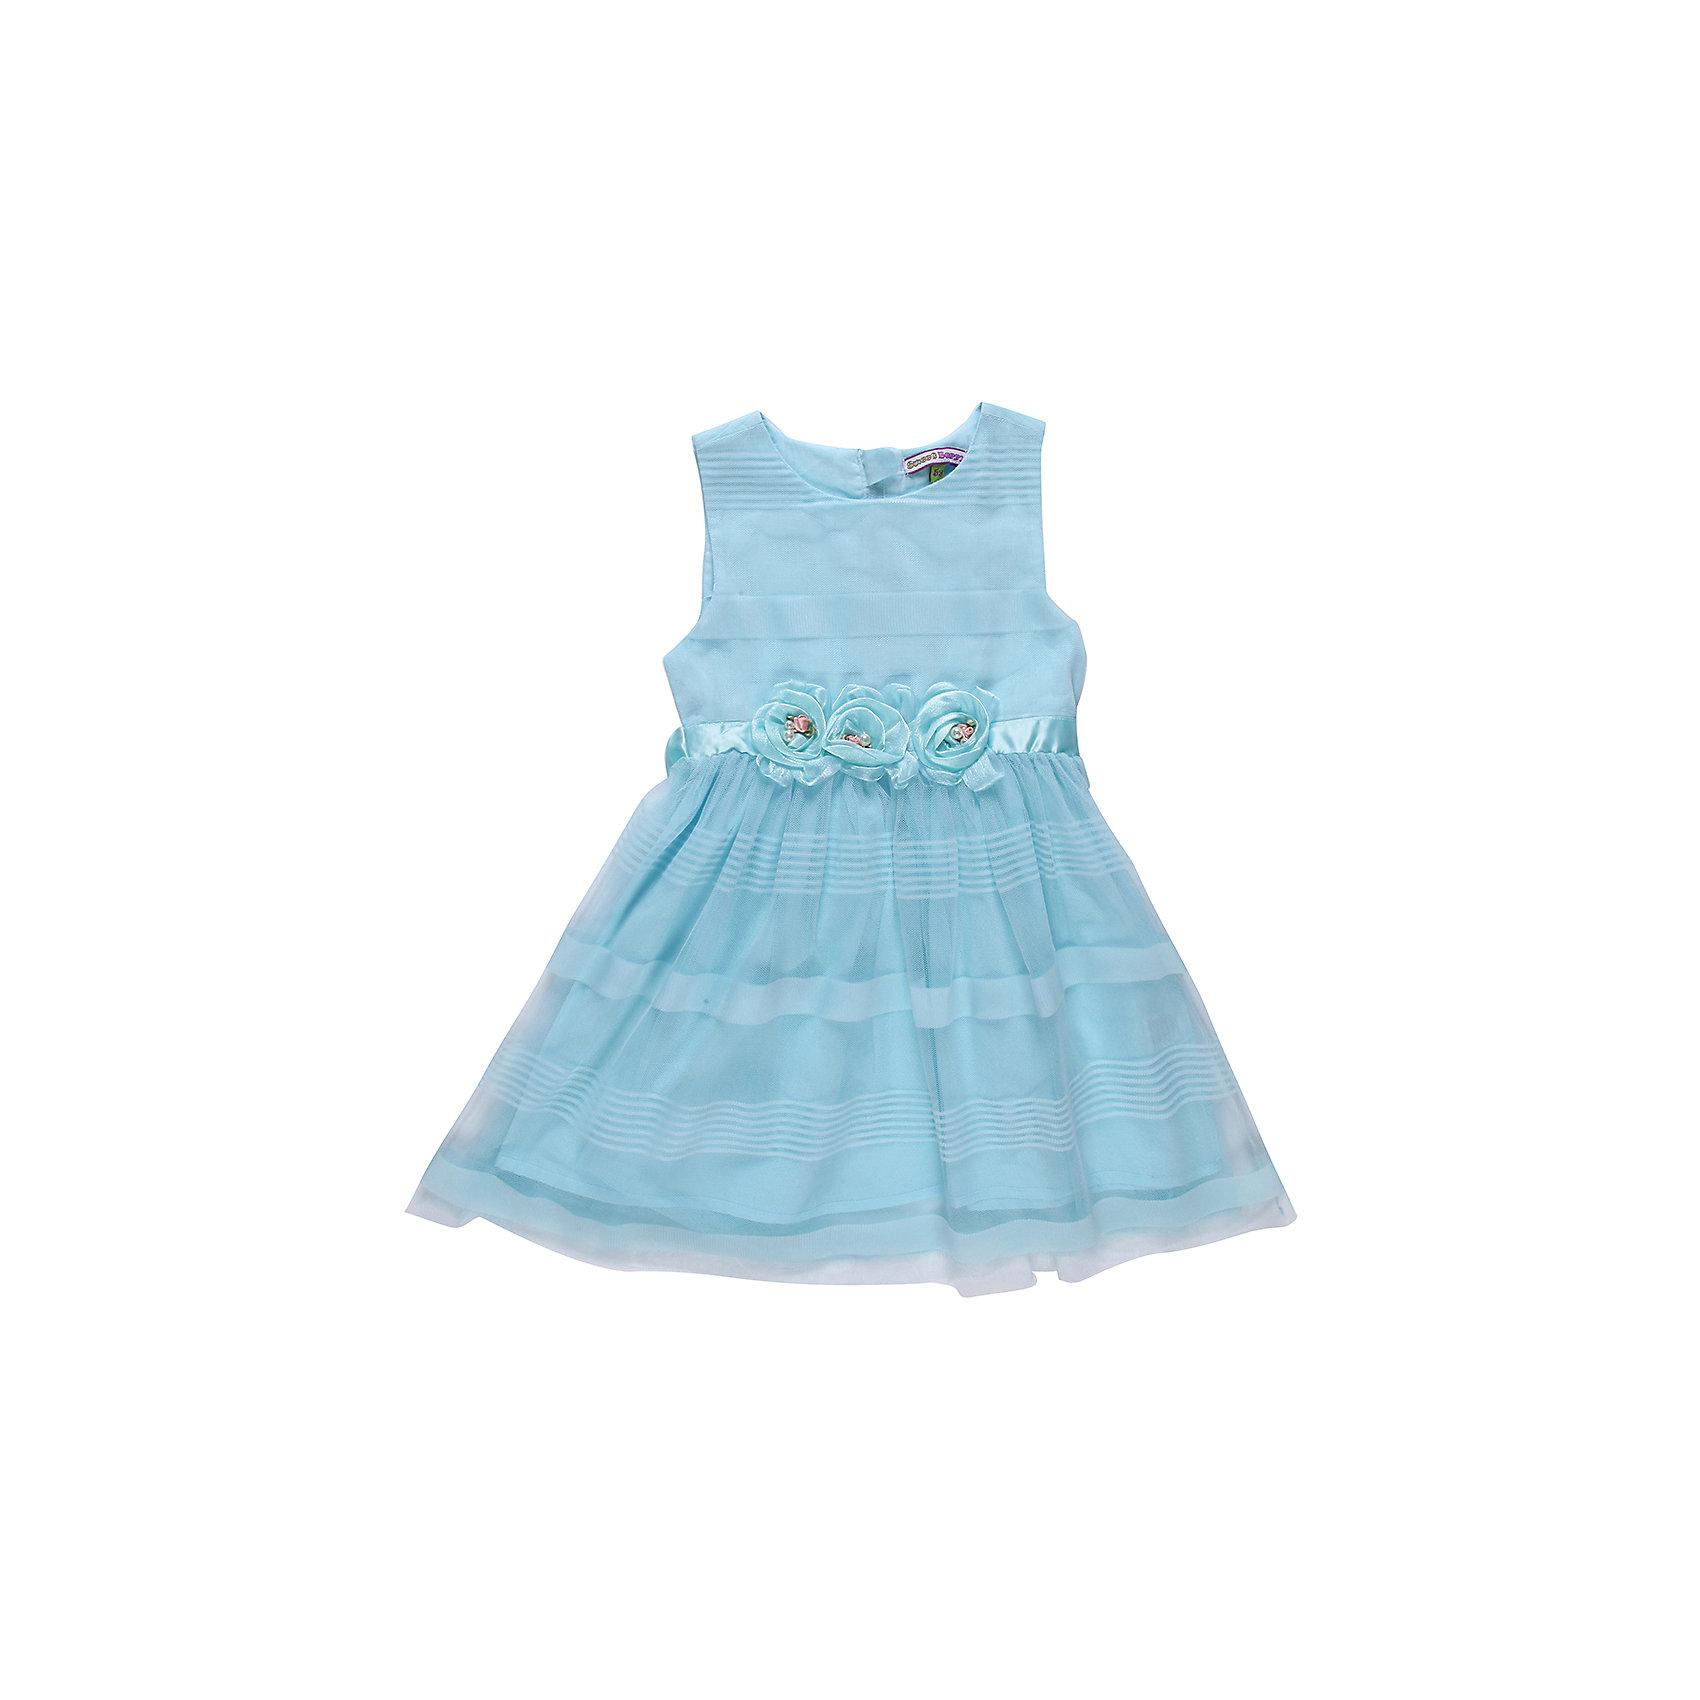 Платье для девочки Sweet BerryНарядное платье на девочку, выполнено из шифона, подкладка хлопок. Пояс из атласной ленты, сзади завязывается на бант. Украшено съемными шифоновыми цветами.<br>Состав:<br>Верх: 100% полиэстер, Подкладка:  100% хлопок<br><br>Ширина мм: 236<br>Глубина мм: 16<br>Высота мм: 184<br>Вес г: 177<br>Цвет: голубой<br>Возраст от месяцев: 24<br>Возраст до месяцев: 36<br>Пол: Женский<br>Возраст: Детский<br>Размер: 104,122,110,116,128,98<br>SKU: 4522005